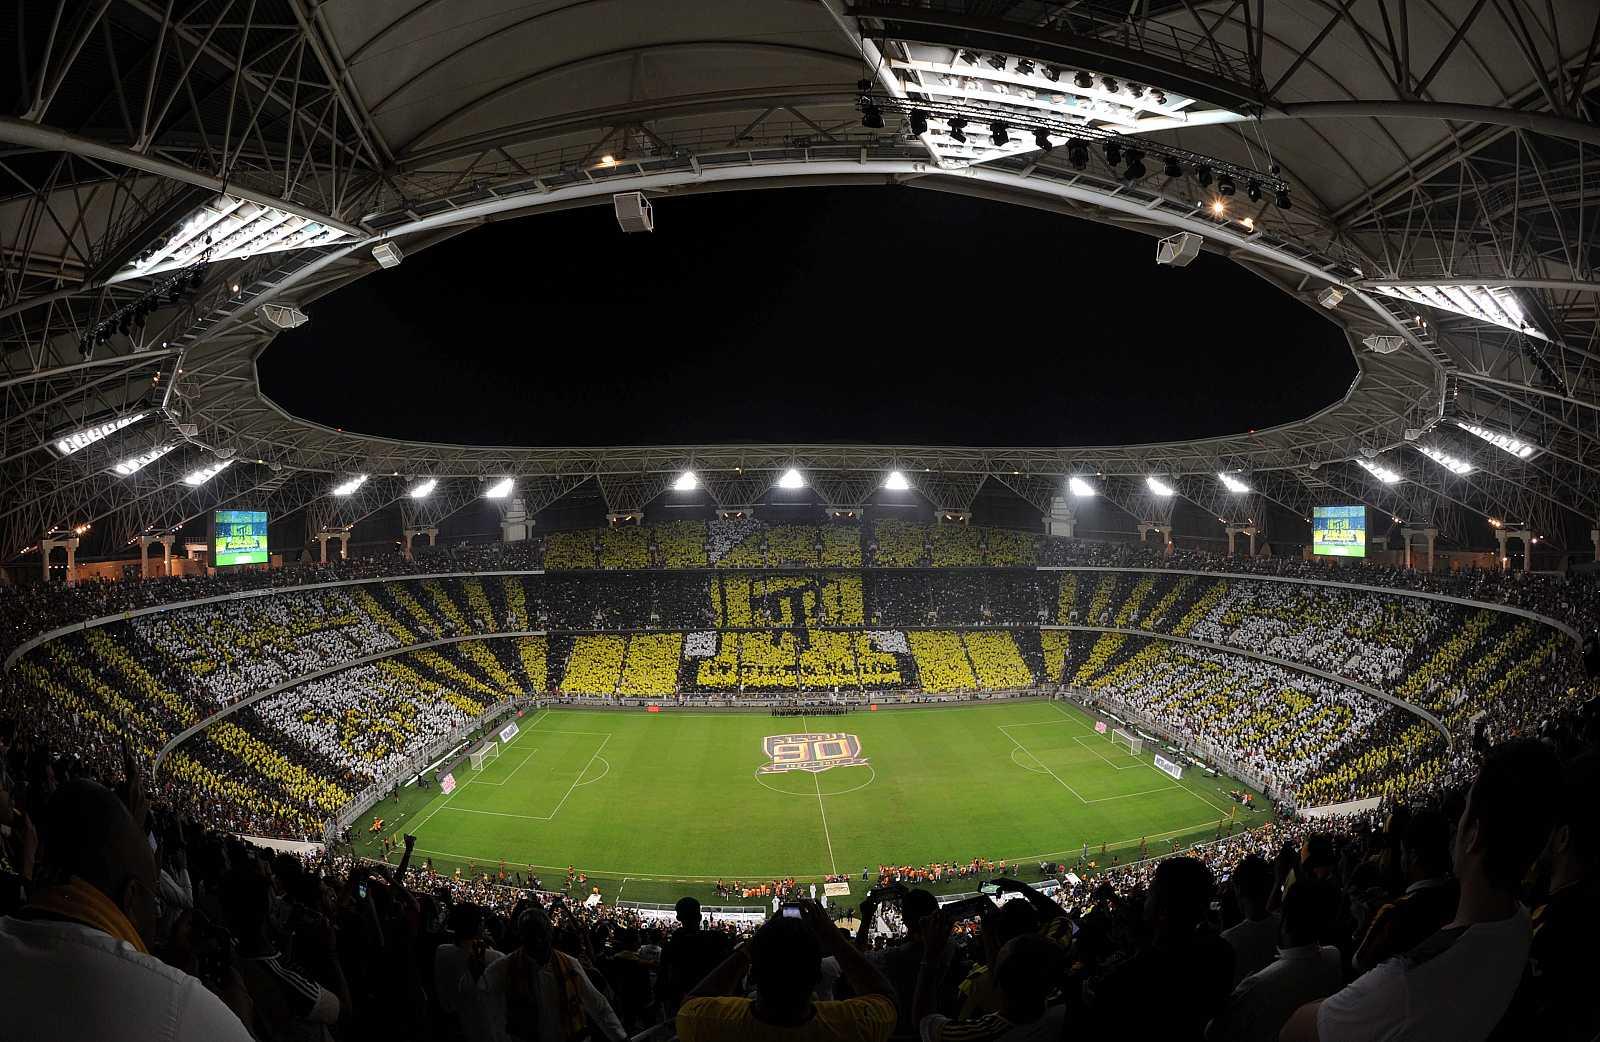 Imagen del King Abdullah Sports City stadium, donde Valencia, Barcelona, Real Madrid y Atlético disputarán la Supercopa.